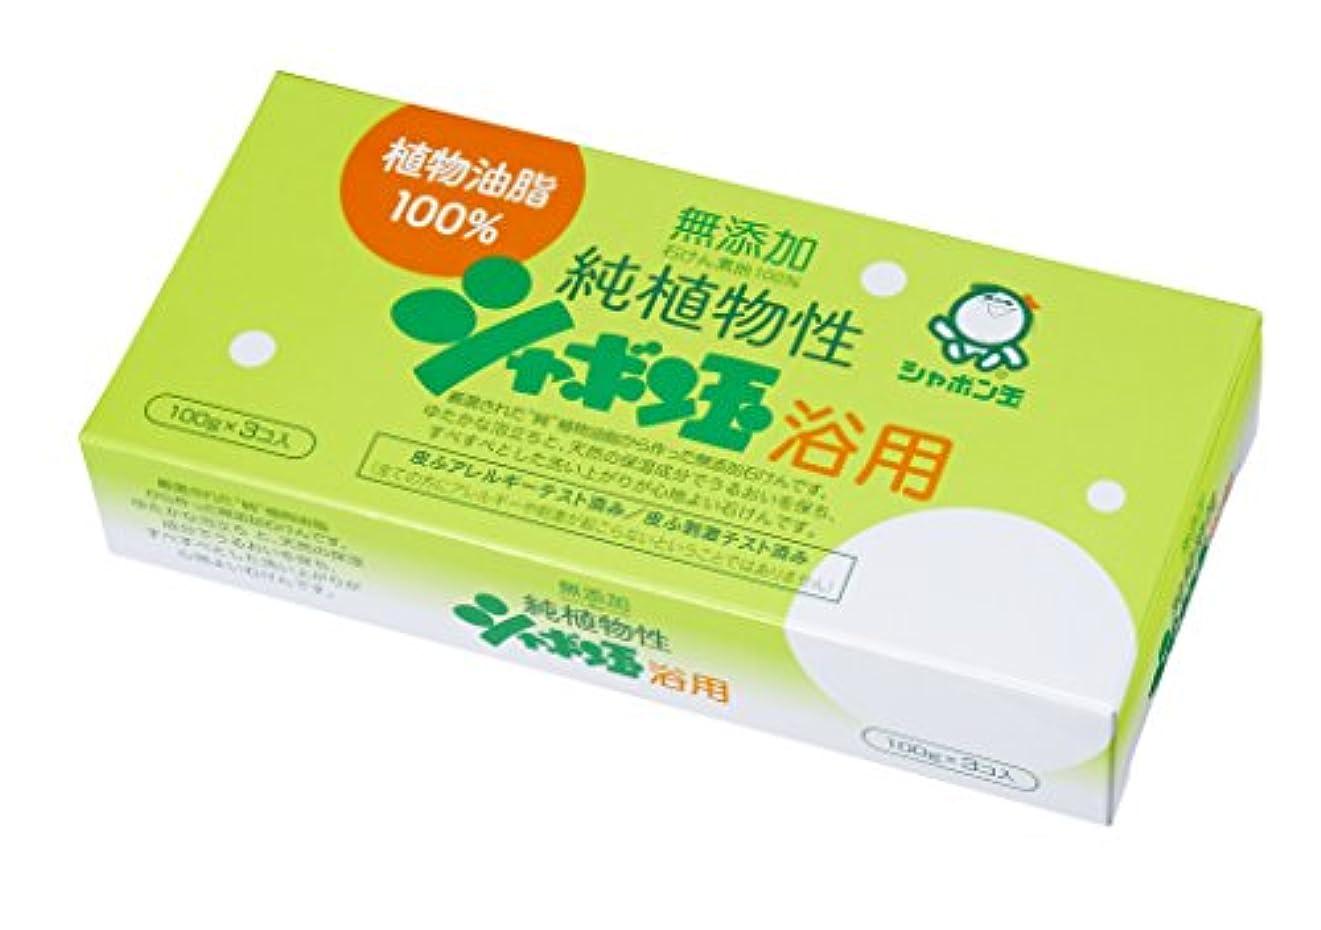 エジプト議題小間シャボン玉 無添加せっけん 純植物性シャボン玉 浴用 100g×3個入り